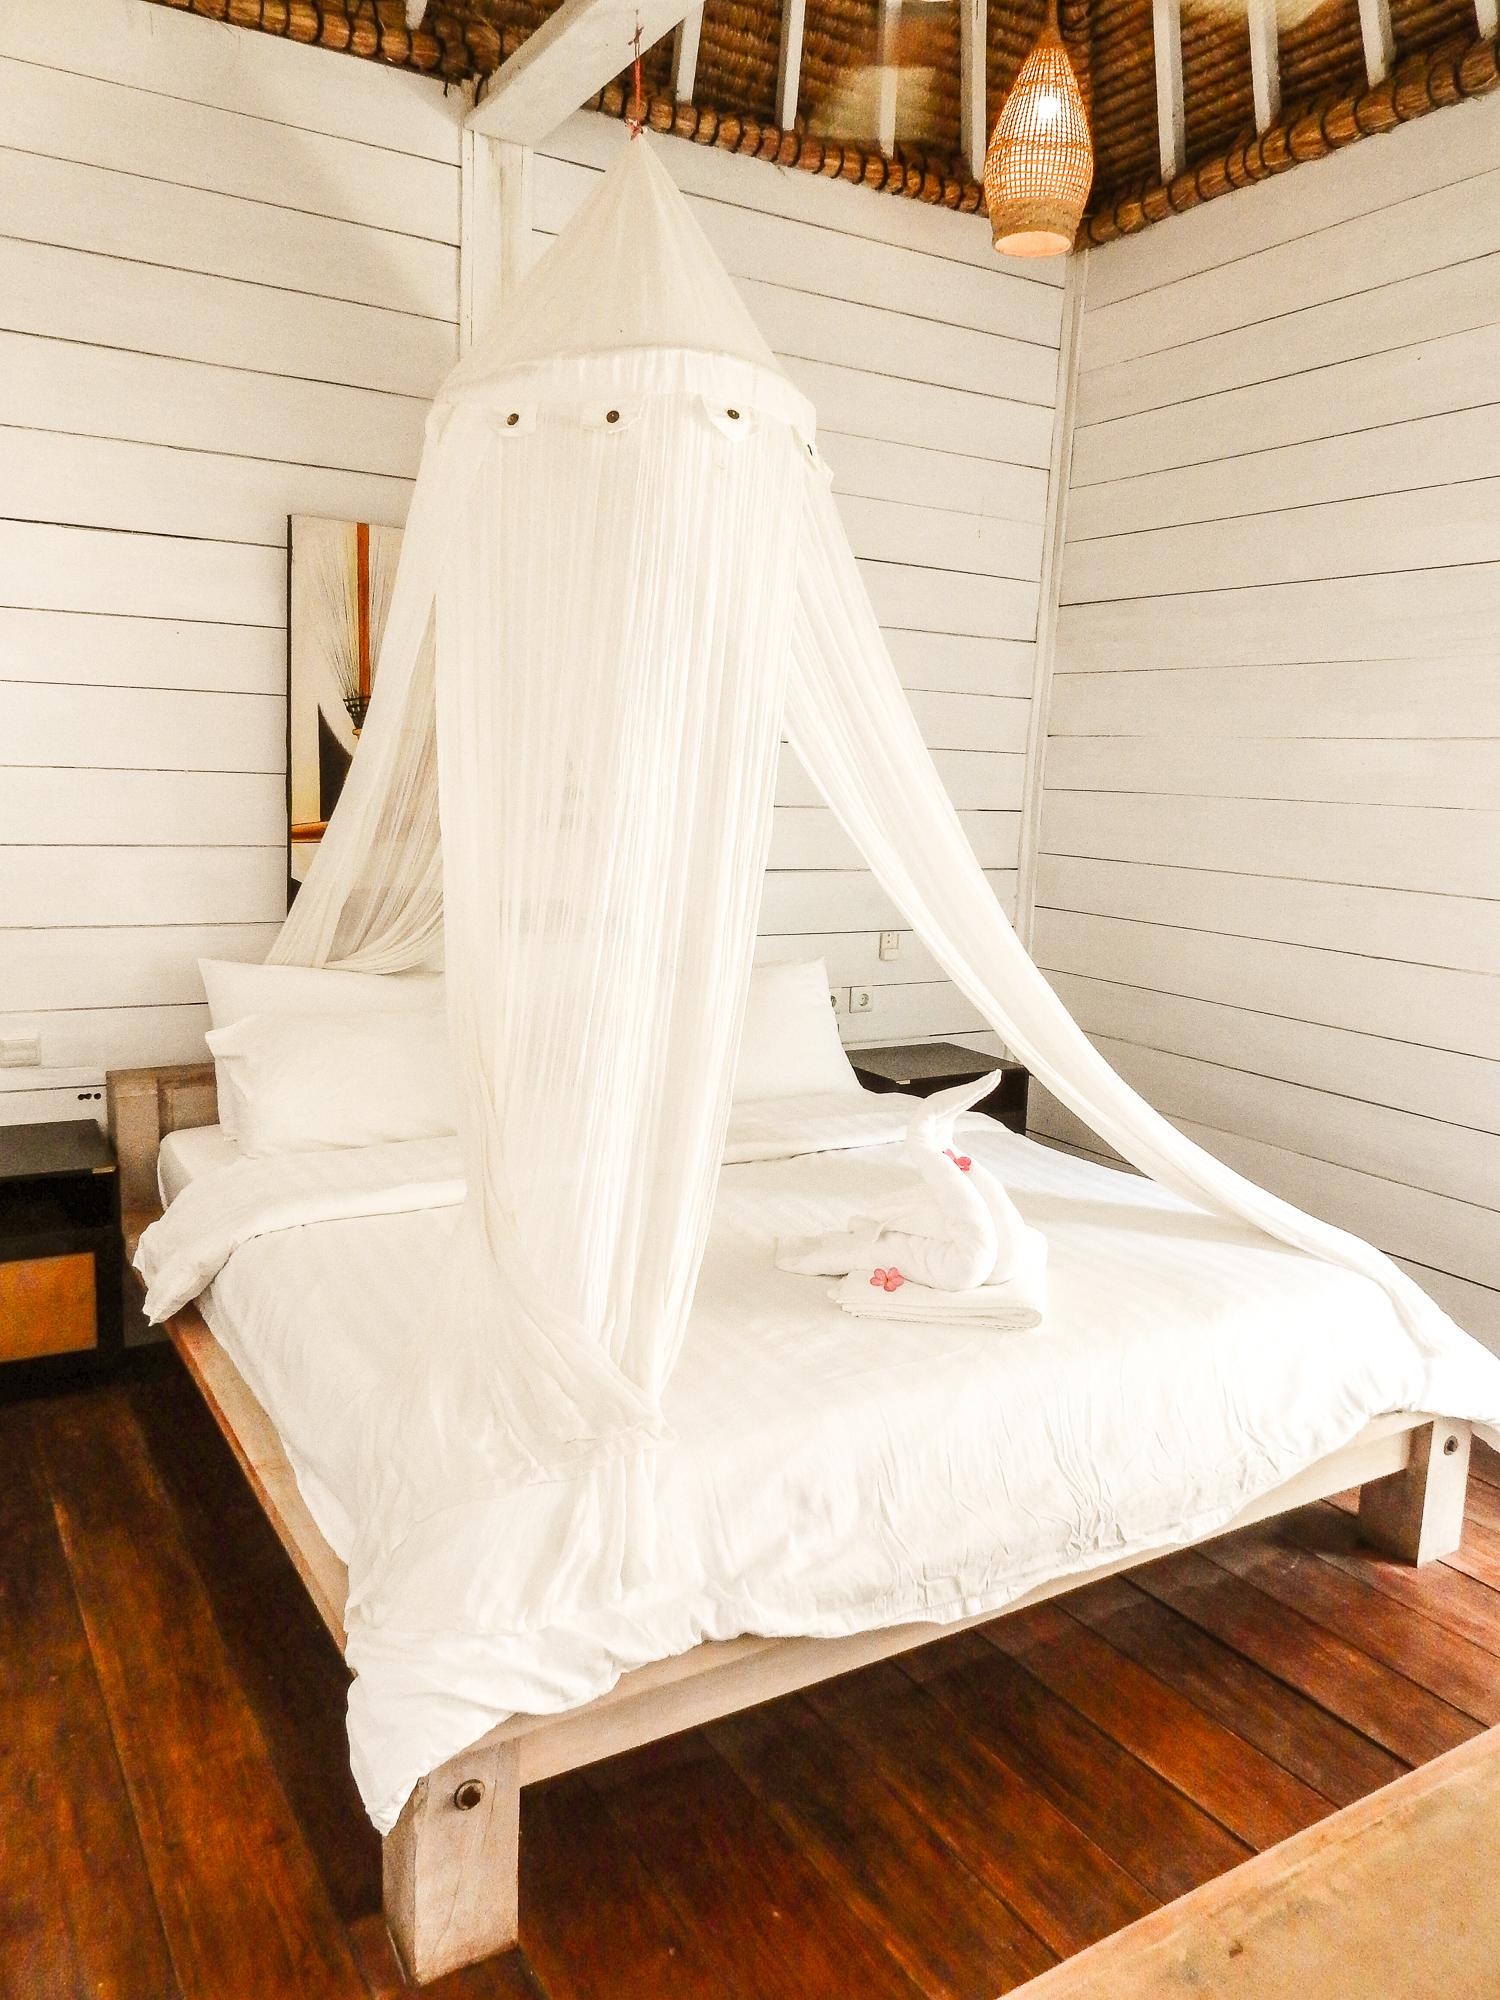 Säng med sänghimmel i bungalow på Gili Trawangan.